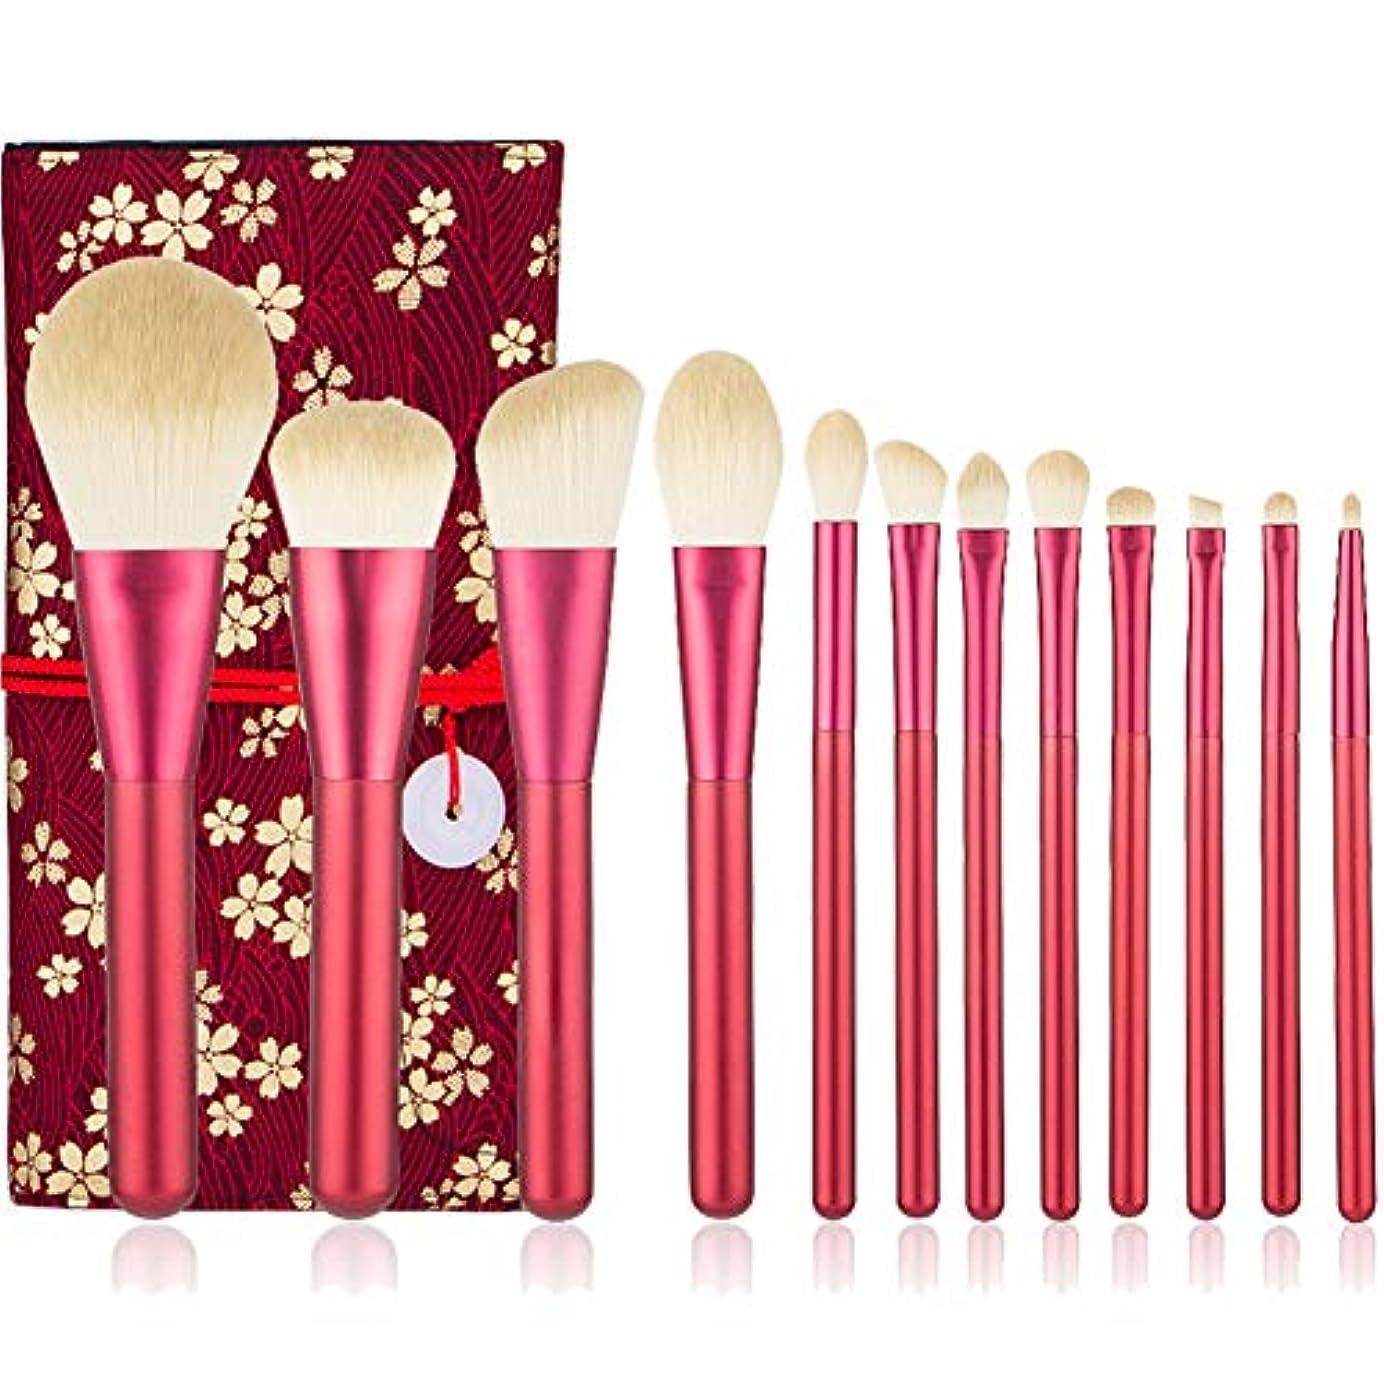 縞模様の代表オープニングAEDO メイクブラシ セット&高級天然毛メイクブラシセット 化粧ブラシセット メイクブラシ 化粧筆 化粧ブラシ 専用ブラシセット化粧ポーチ付 (赤)